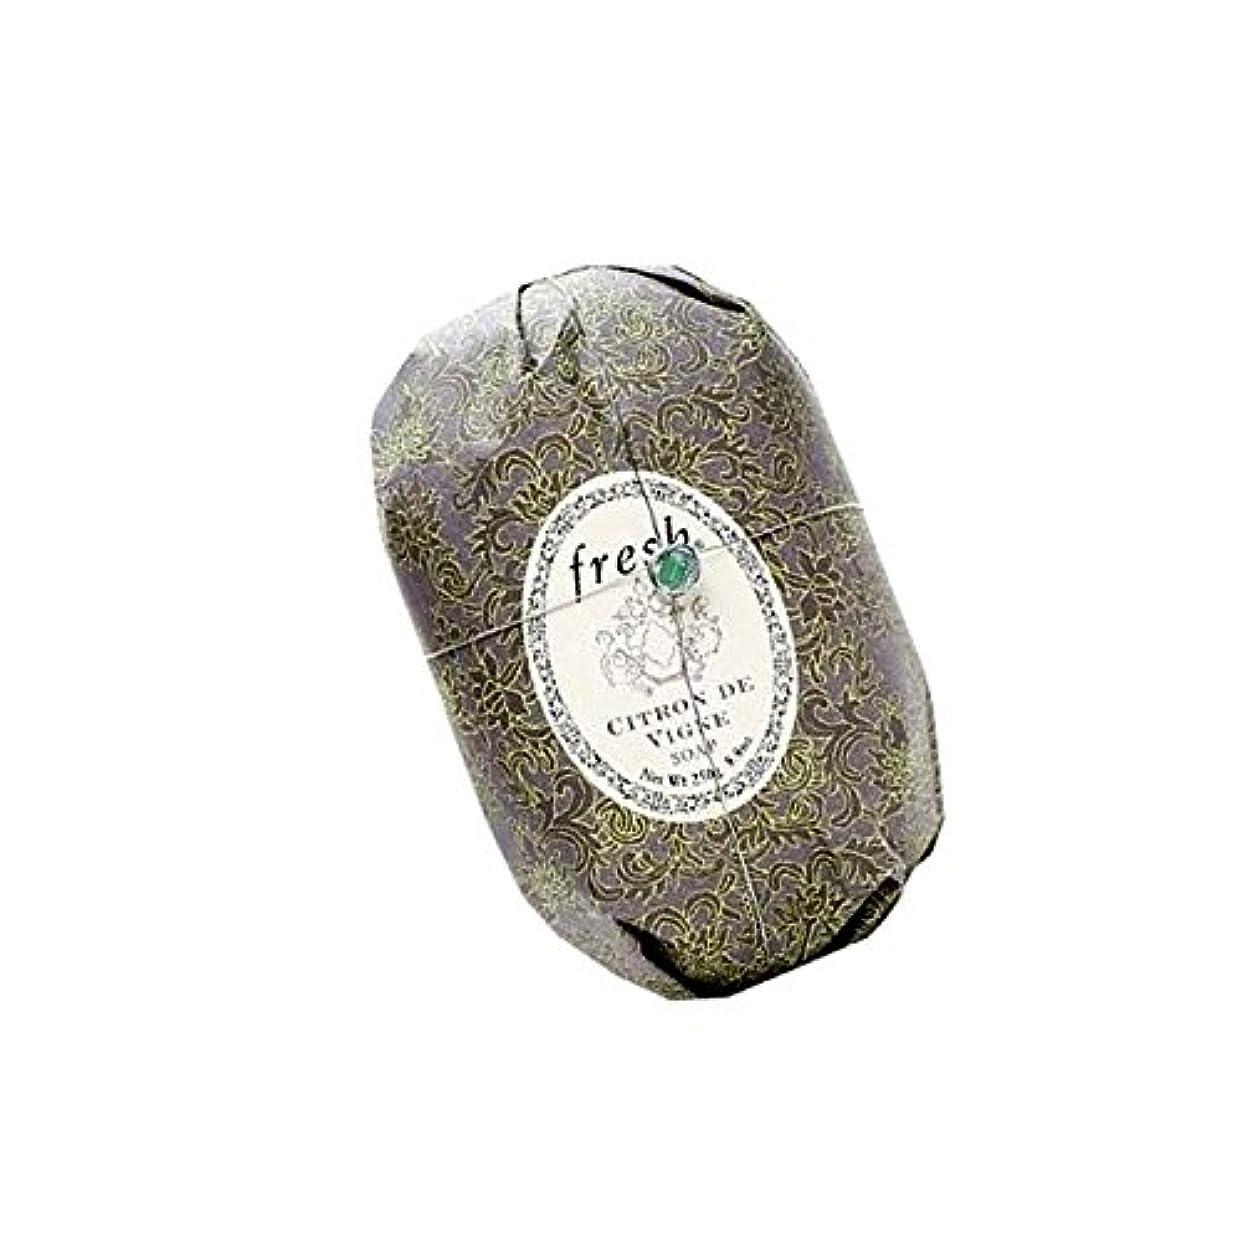 中にアクロバット与えるFresh フレッシュ Citron de Vigne Soap 石鹸, 250g/8.8oz. [海外直送品] [並行輸入品]